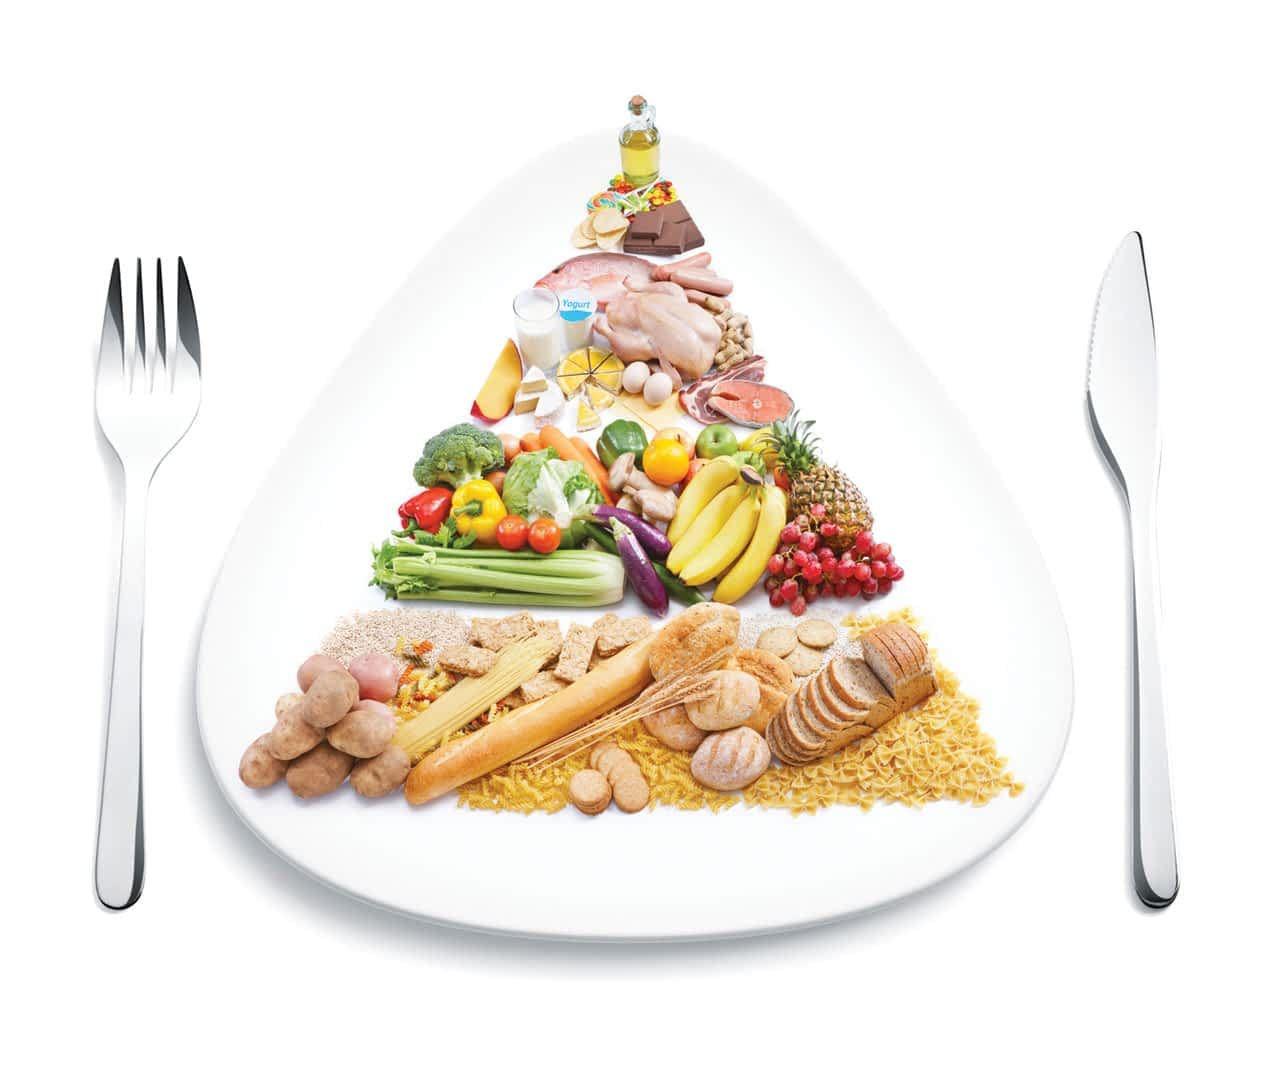 أفضل نظام غذائي لمرضى القولون العصبي Paleo Food Pyramid Food Food Pyramid Kids